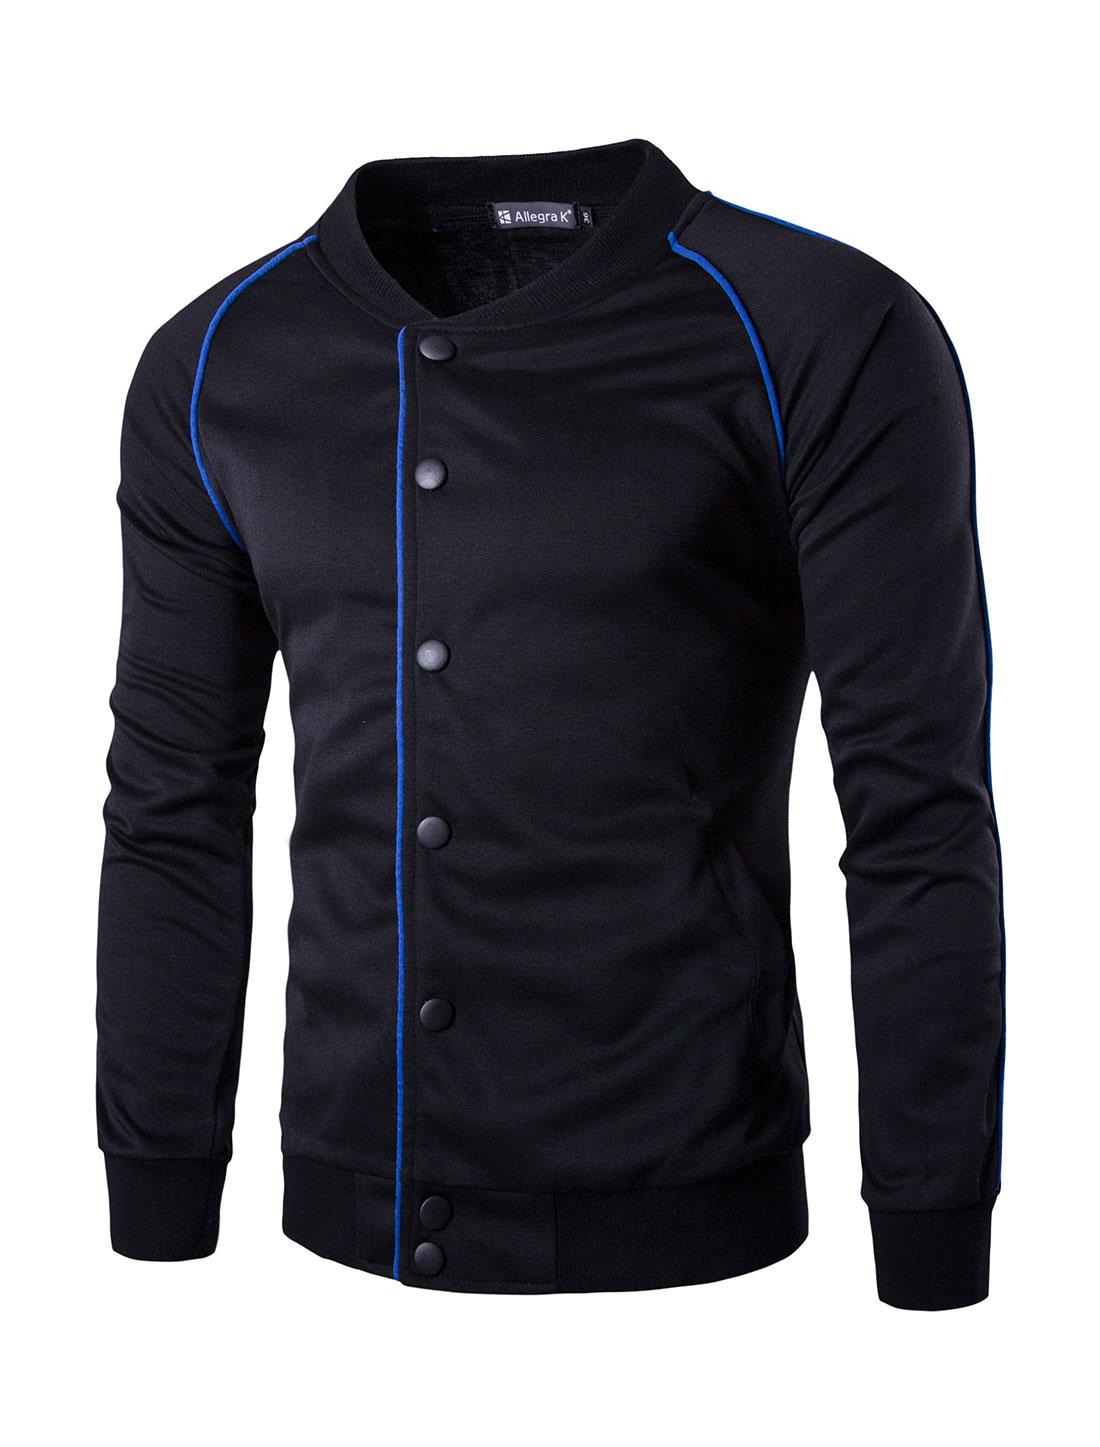 Men Single Breasted Raglan Sleeves Piped Jacket Black M